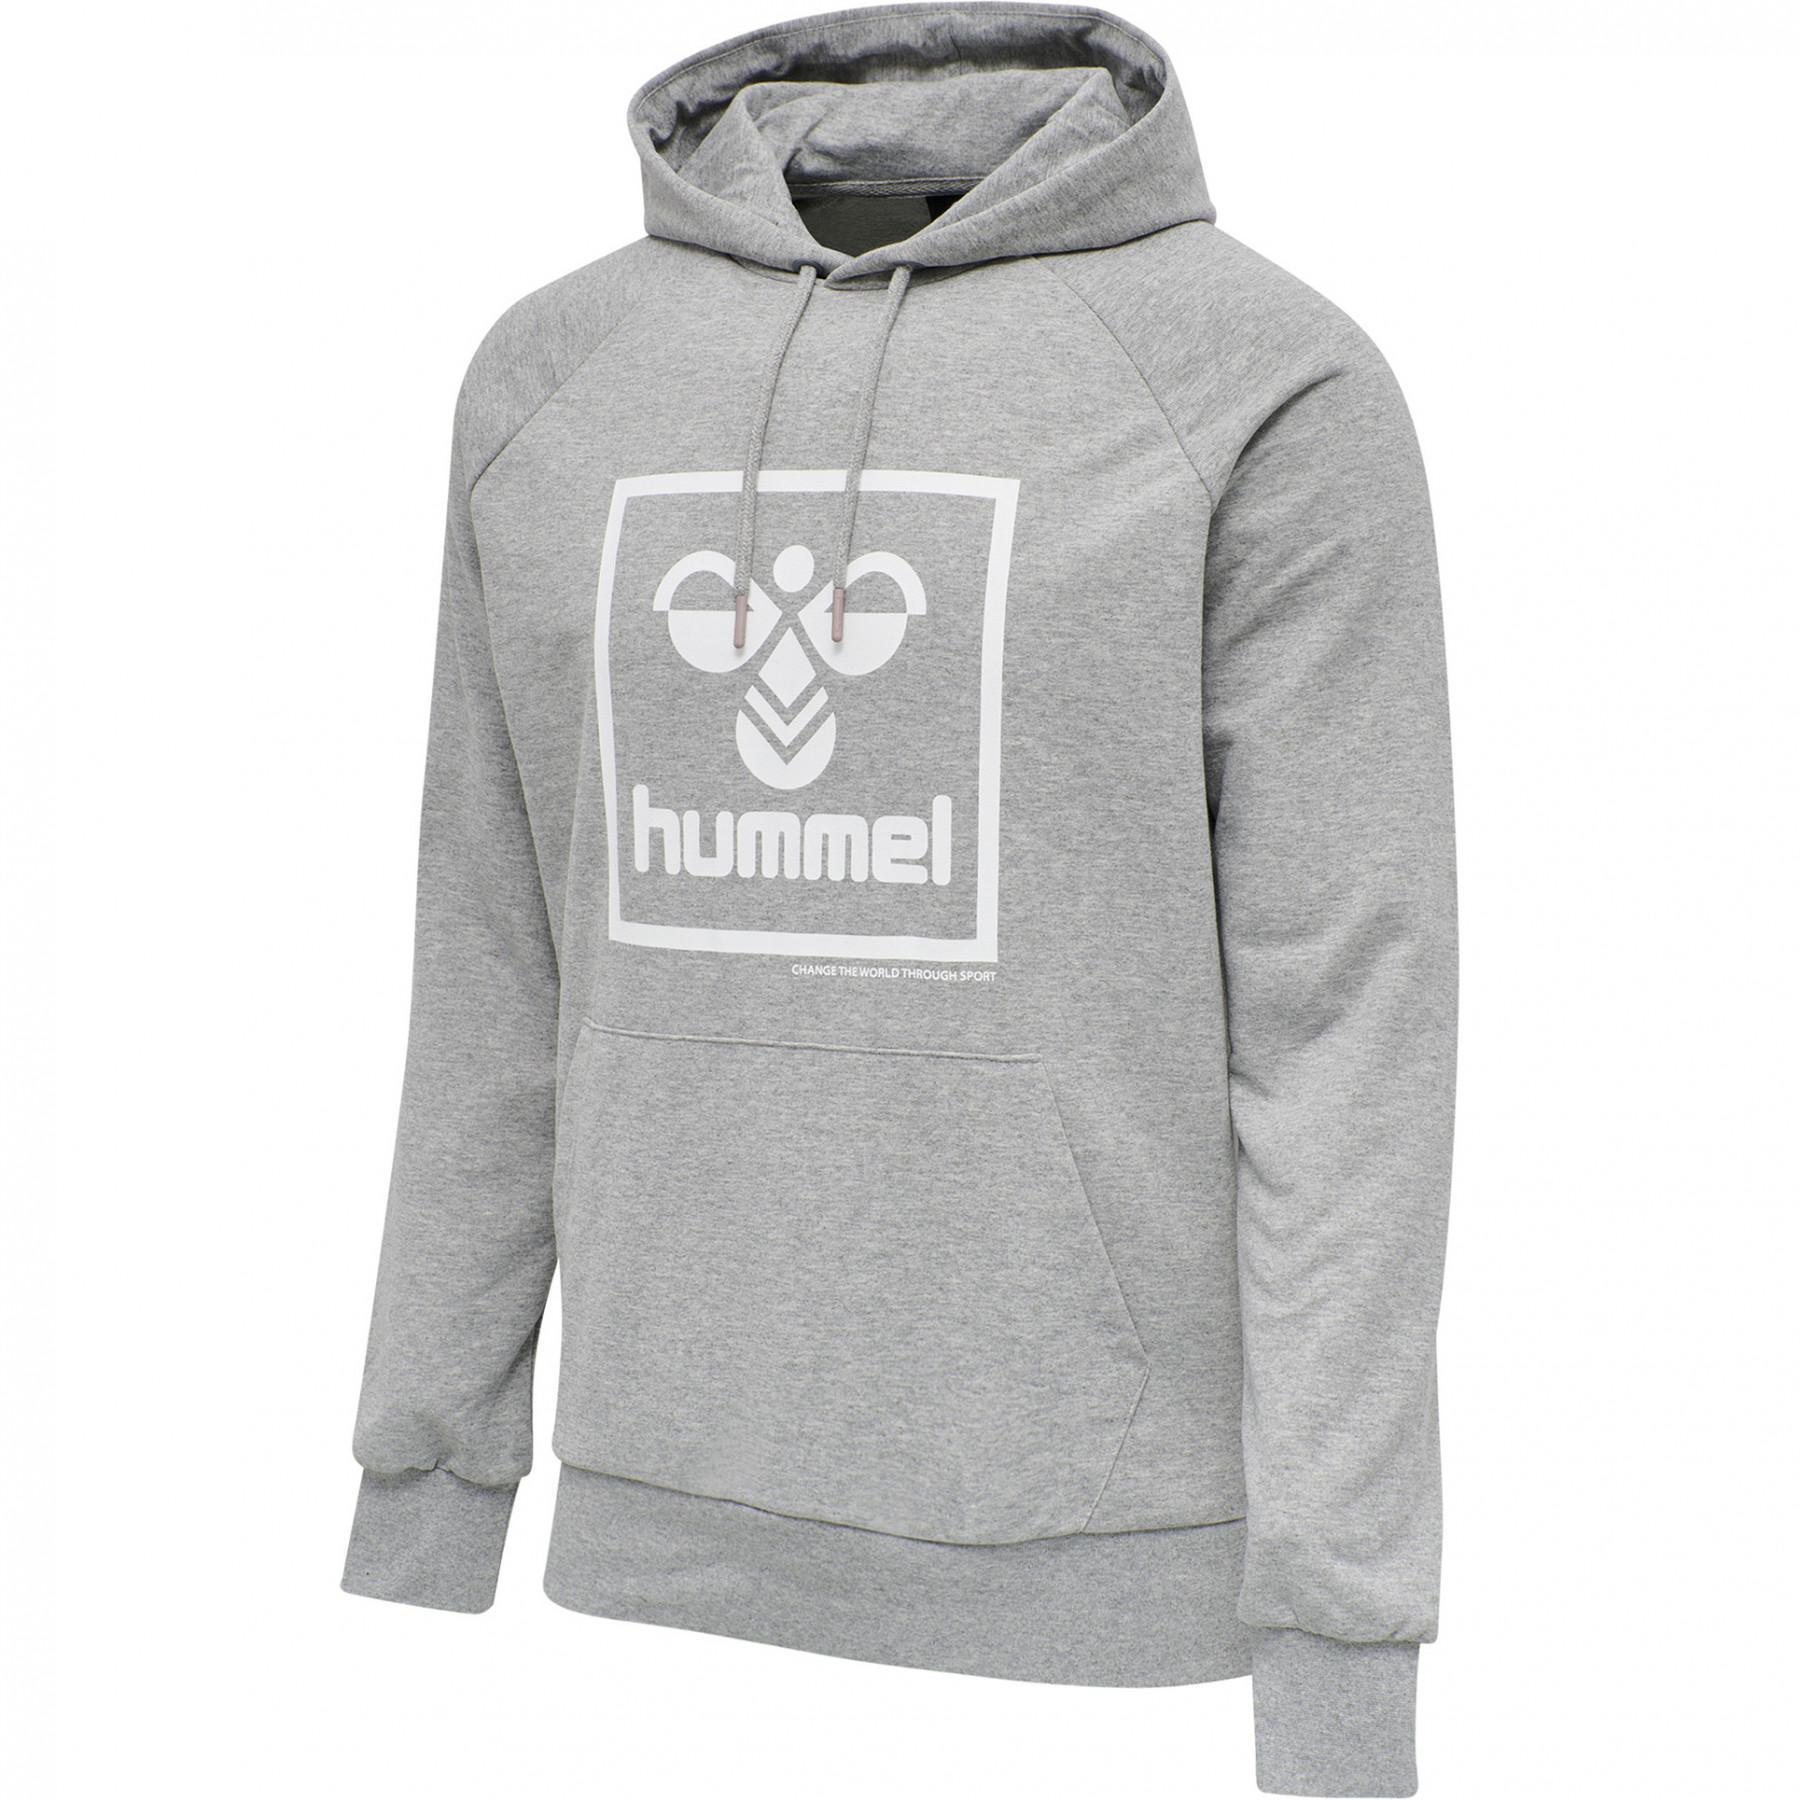 Hoodie Hummel hmlisam